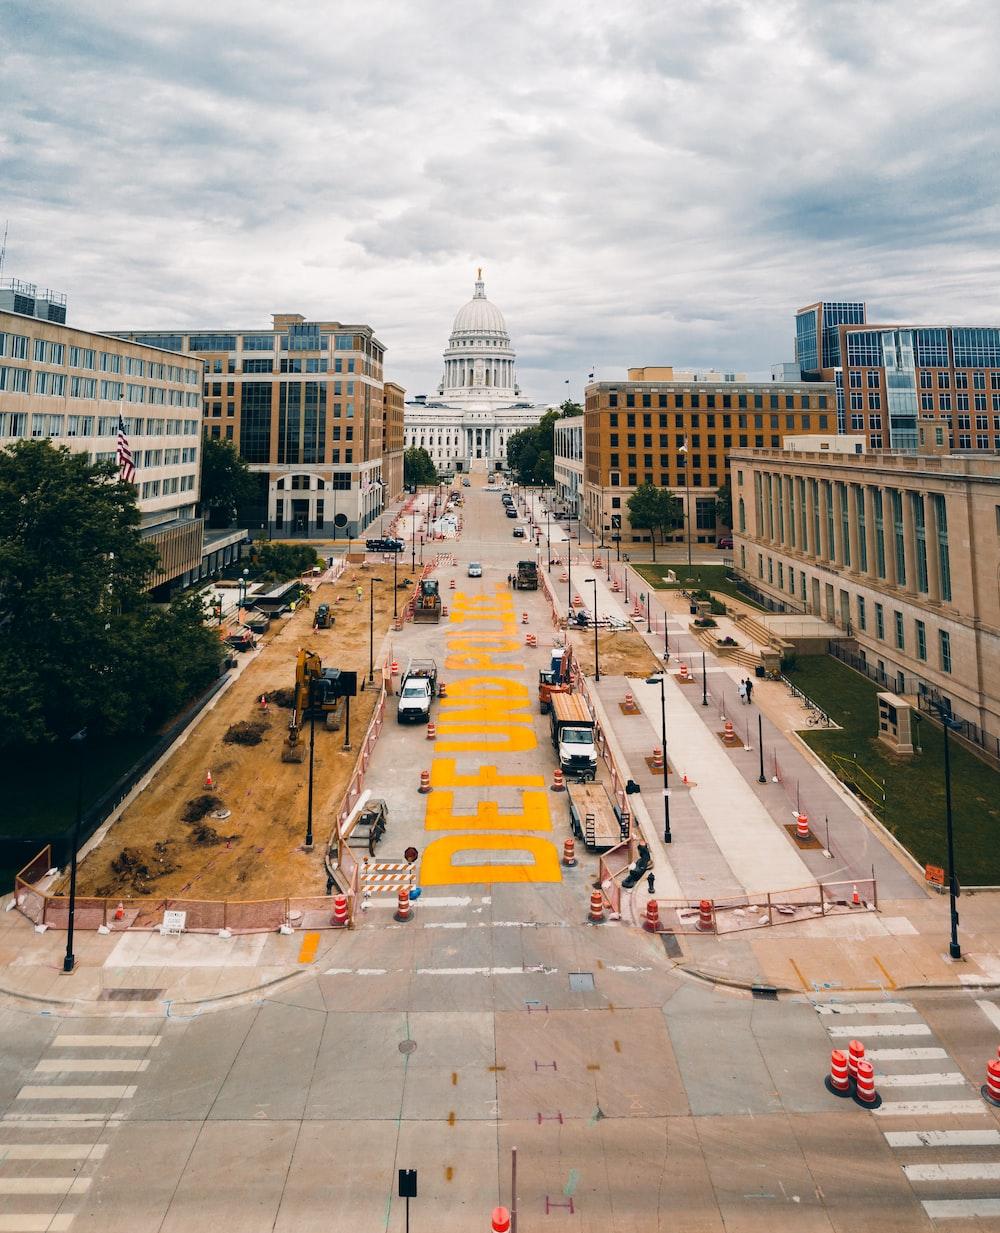 people walking on pedestrian lane near building during daytime